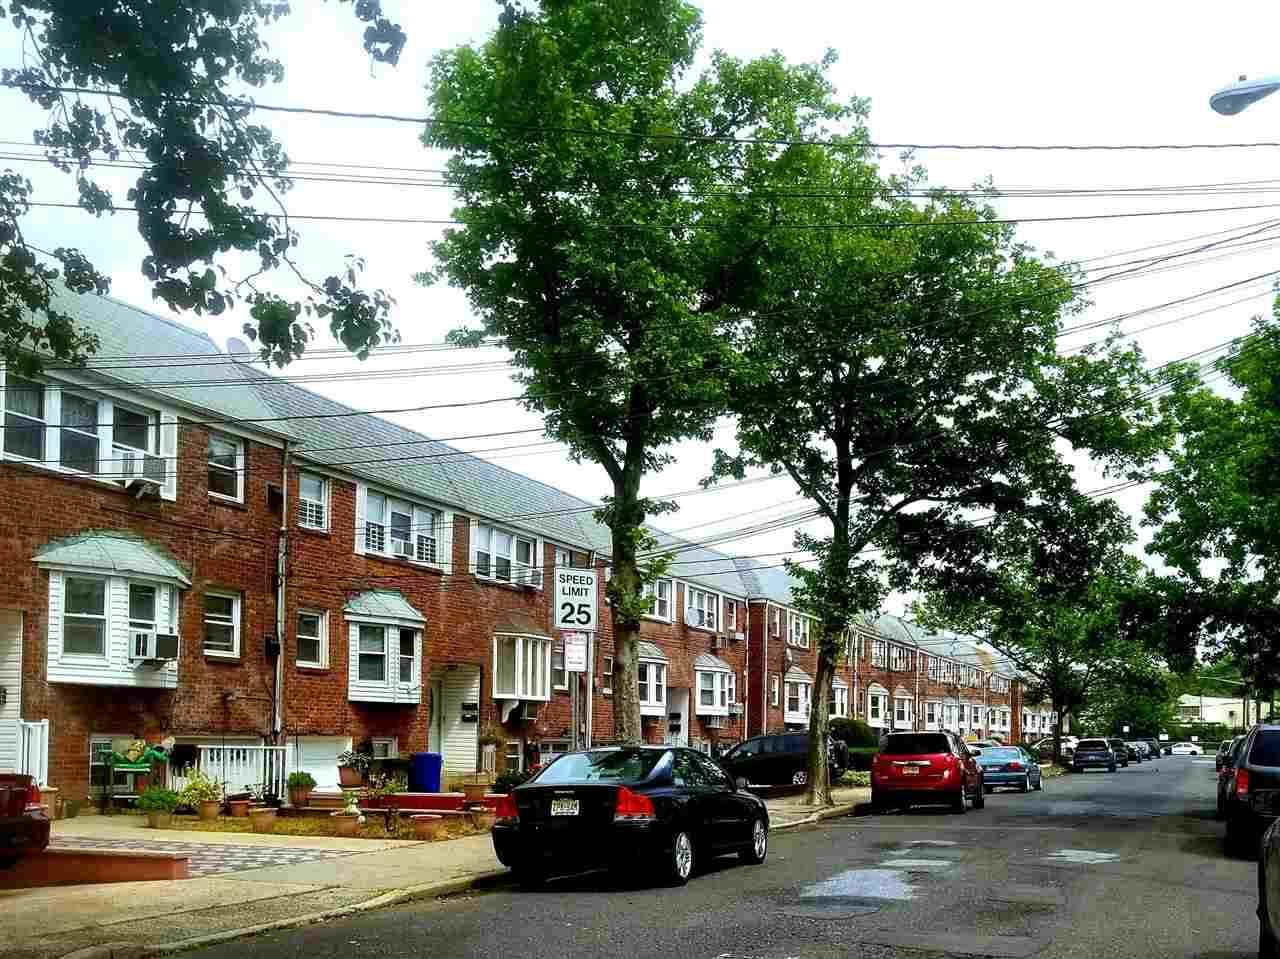 36 Briarwood Rd - Photo 1